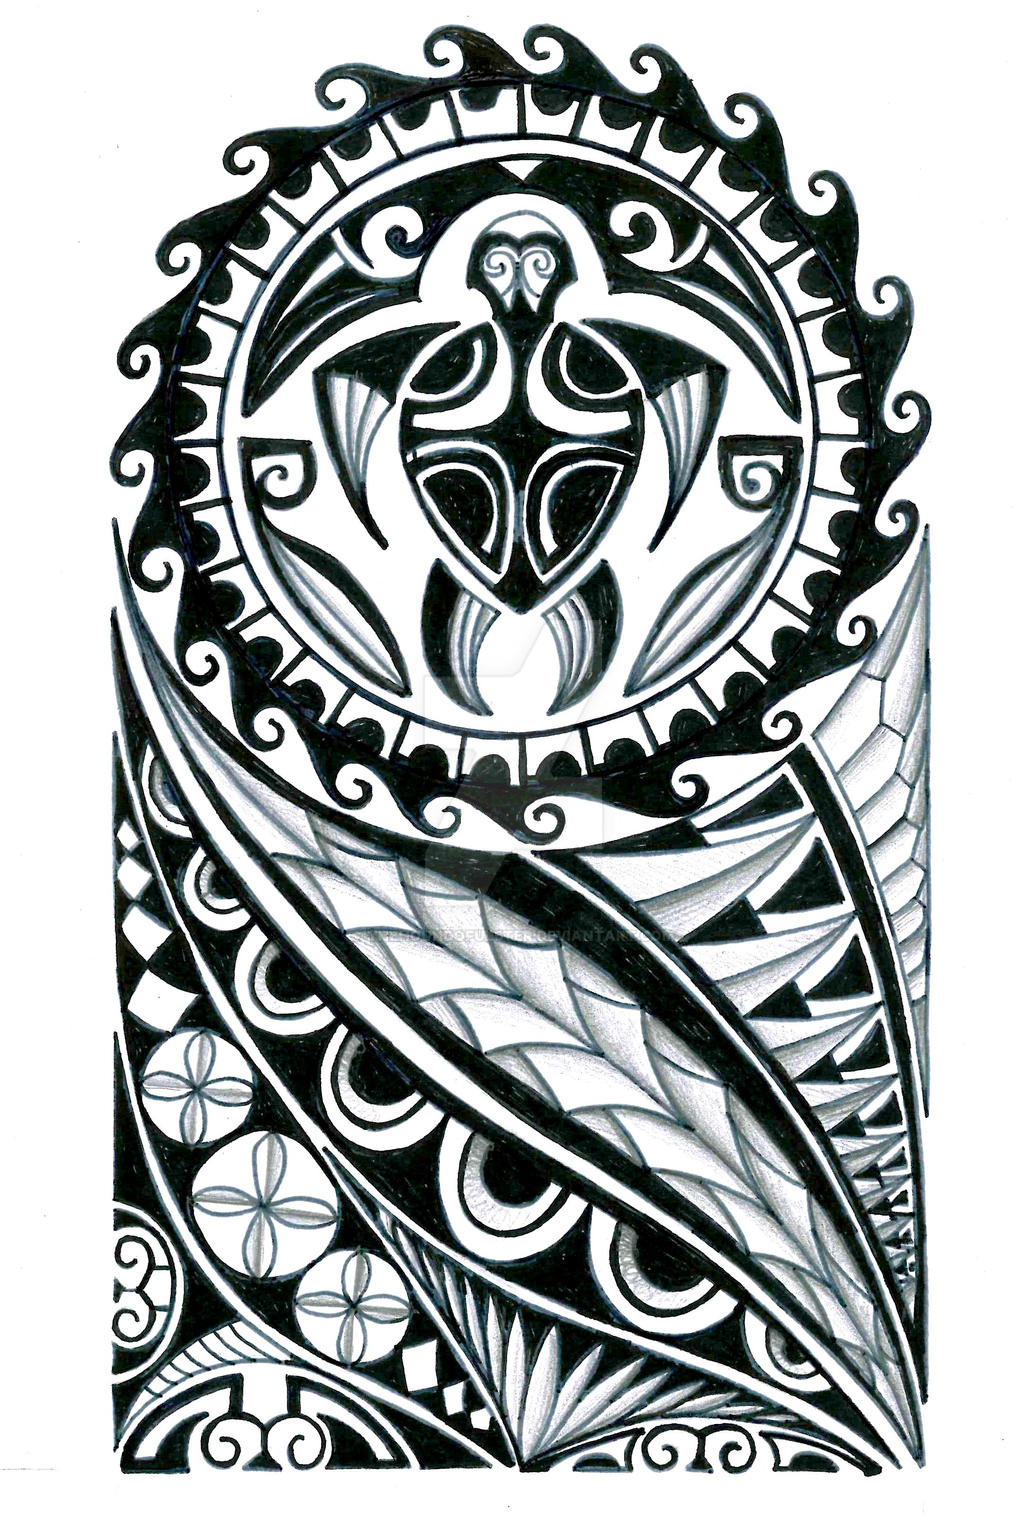 Tatuagens Maori, Maori And Projetos Maori On Pinterest